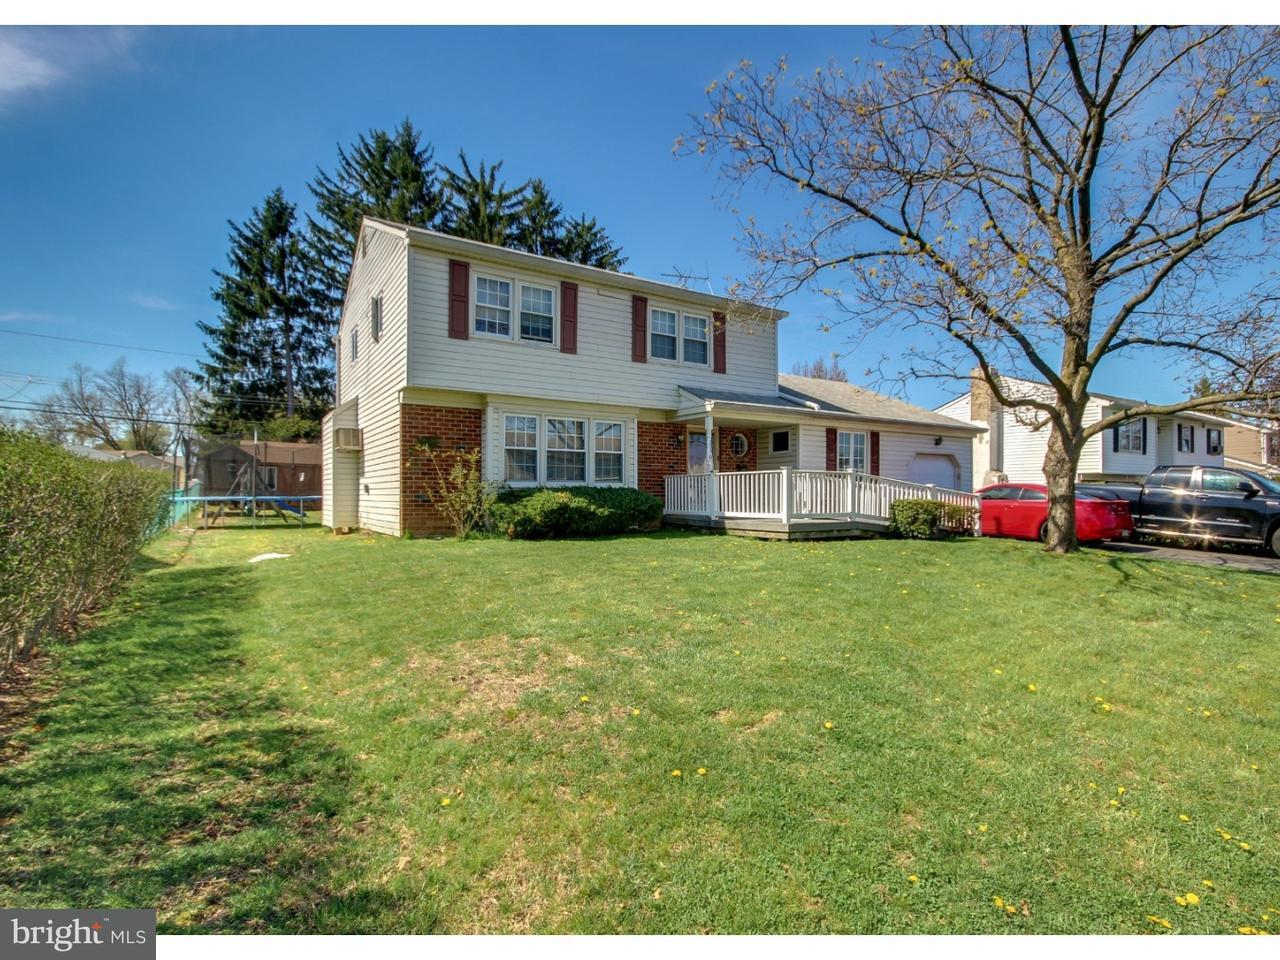 Casa Unifamiliar por un Venta en 236 WESTBURY Drive Warminster, Pennsylvania 18974 Estados Unidos